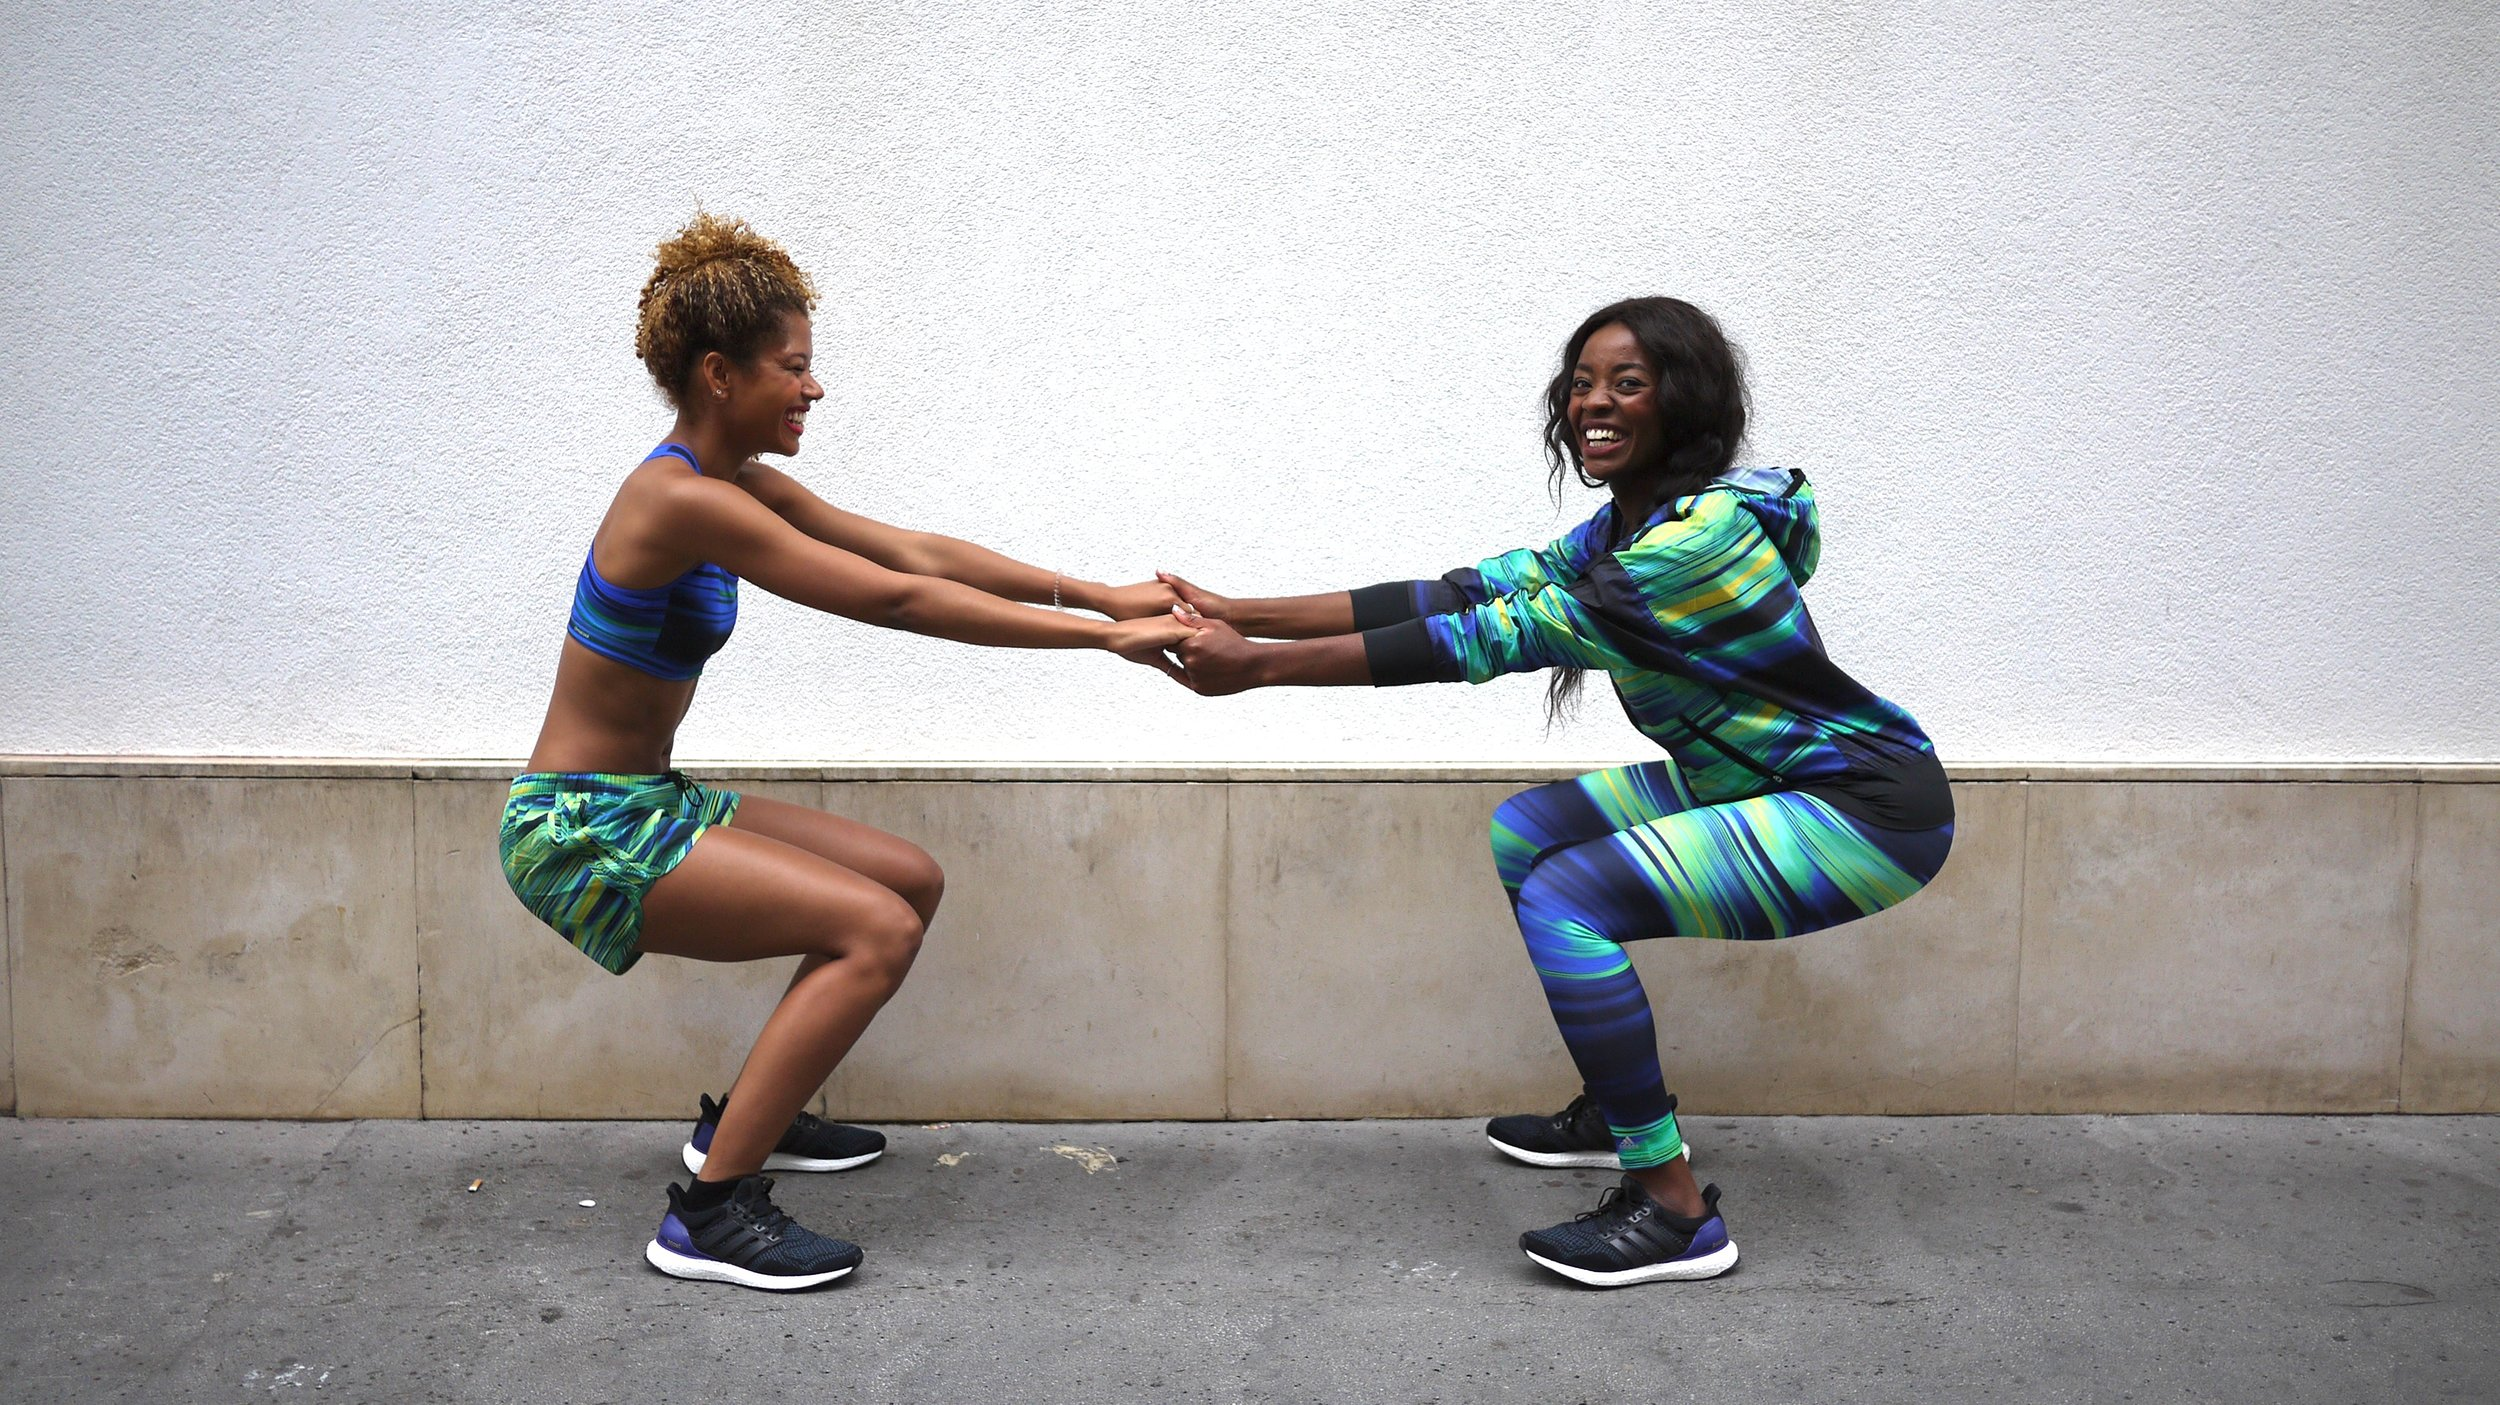 Buddy workout Tasha Greene